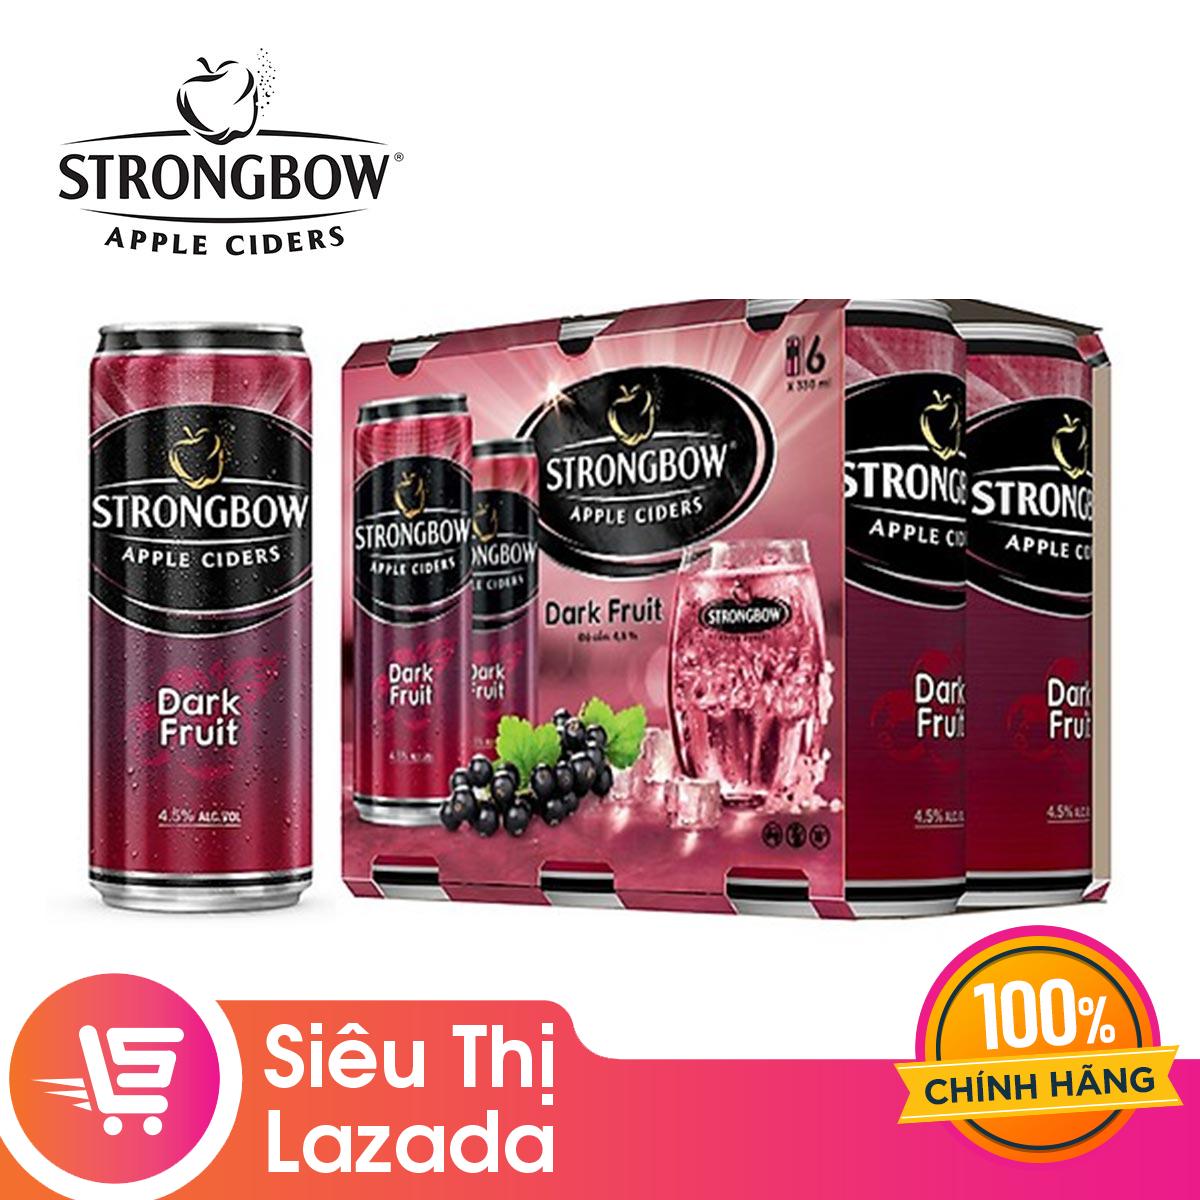 [Quà Tặng Không Bán] Lốc 6 lon nước dâu đen lên men Strongbow 330ml (vị Dark Fruit)